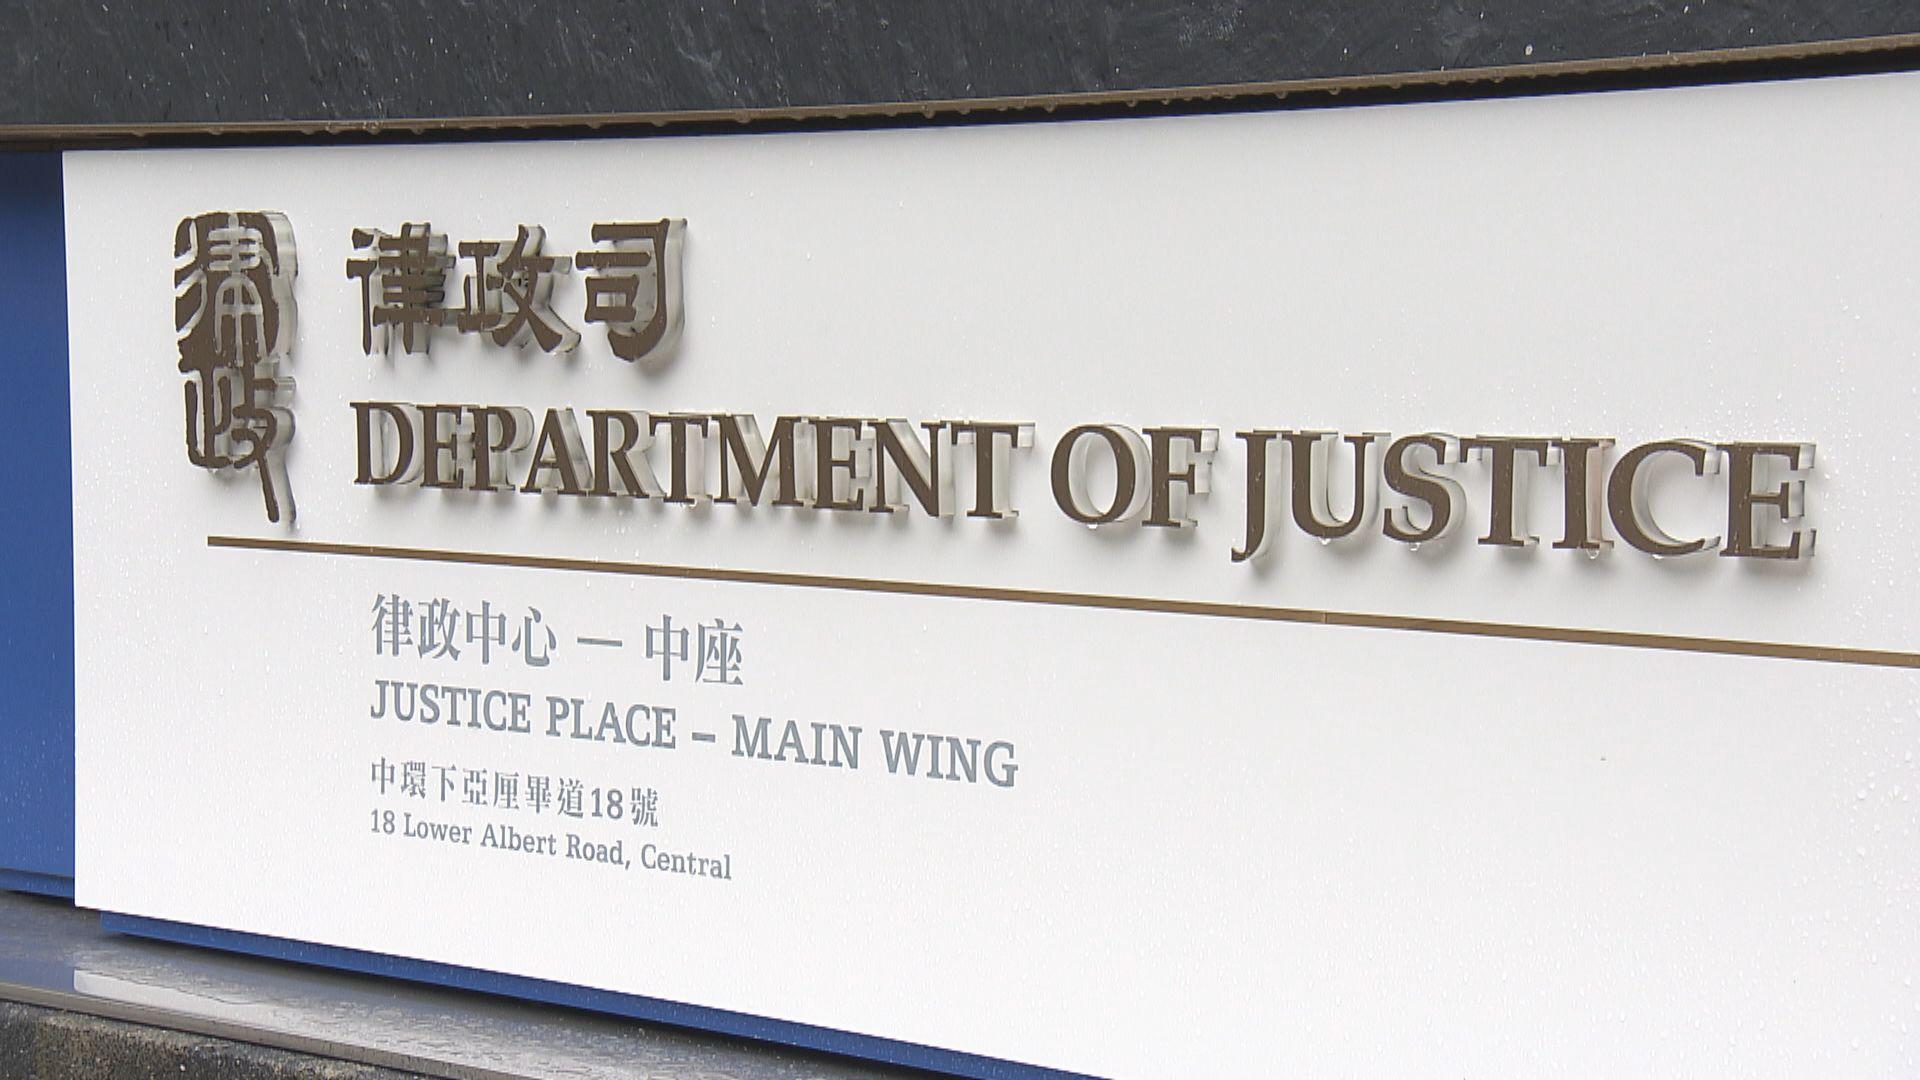 律政司聲明稱任何定性不影響刑事檢控工作